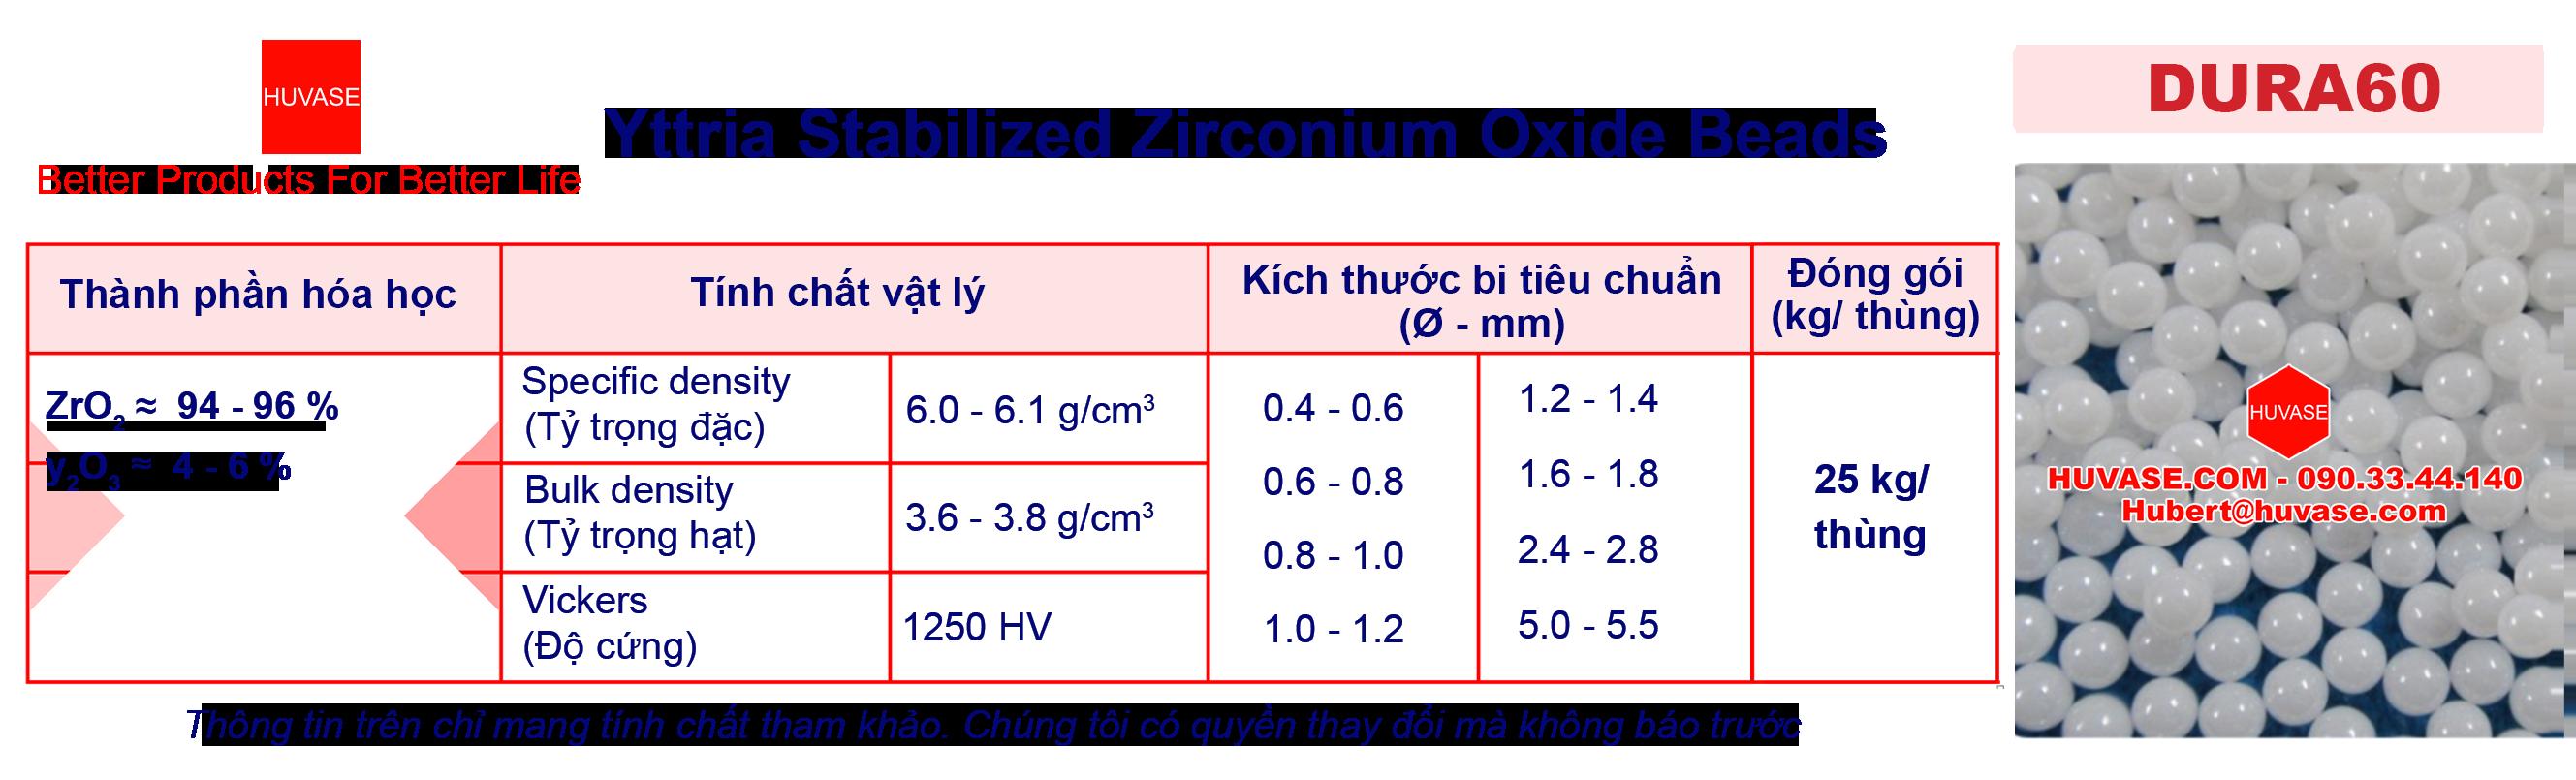 Thông số kỹ thuật bi nghiền DURA60 – Bi nghiền sứ (bi ceramic)